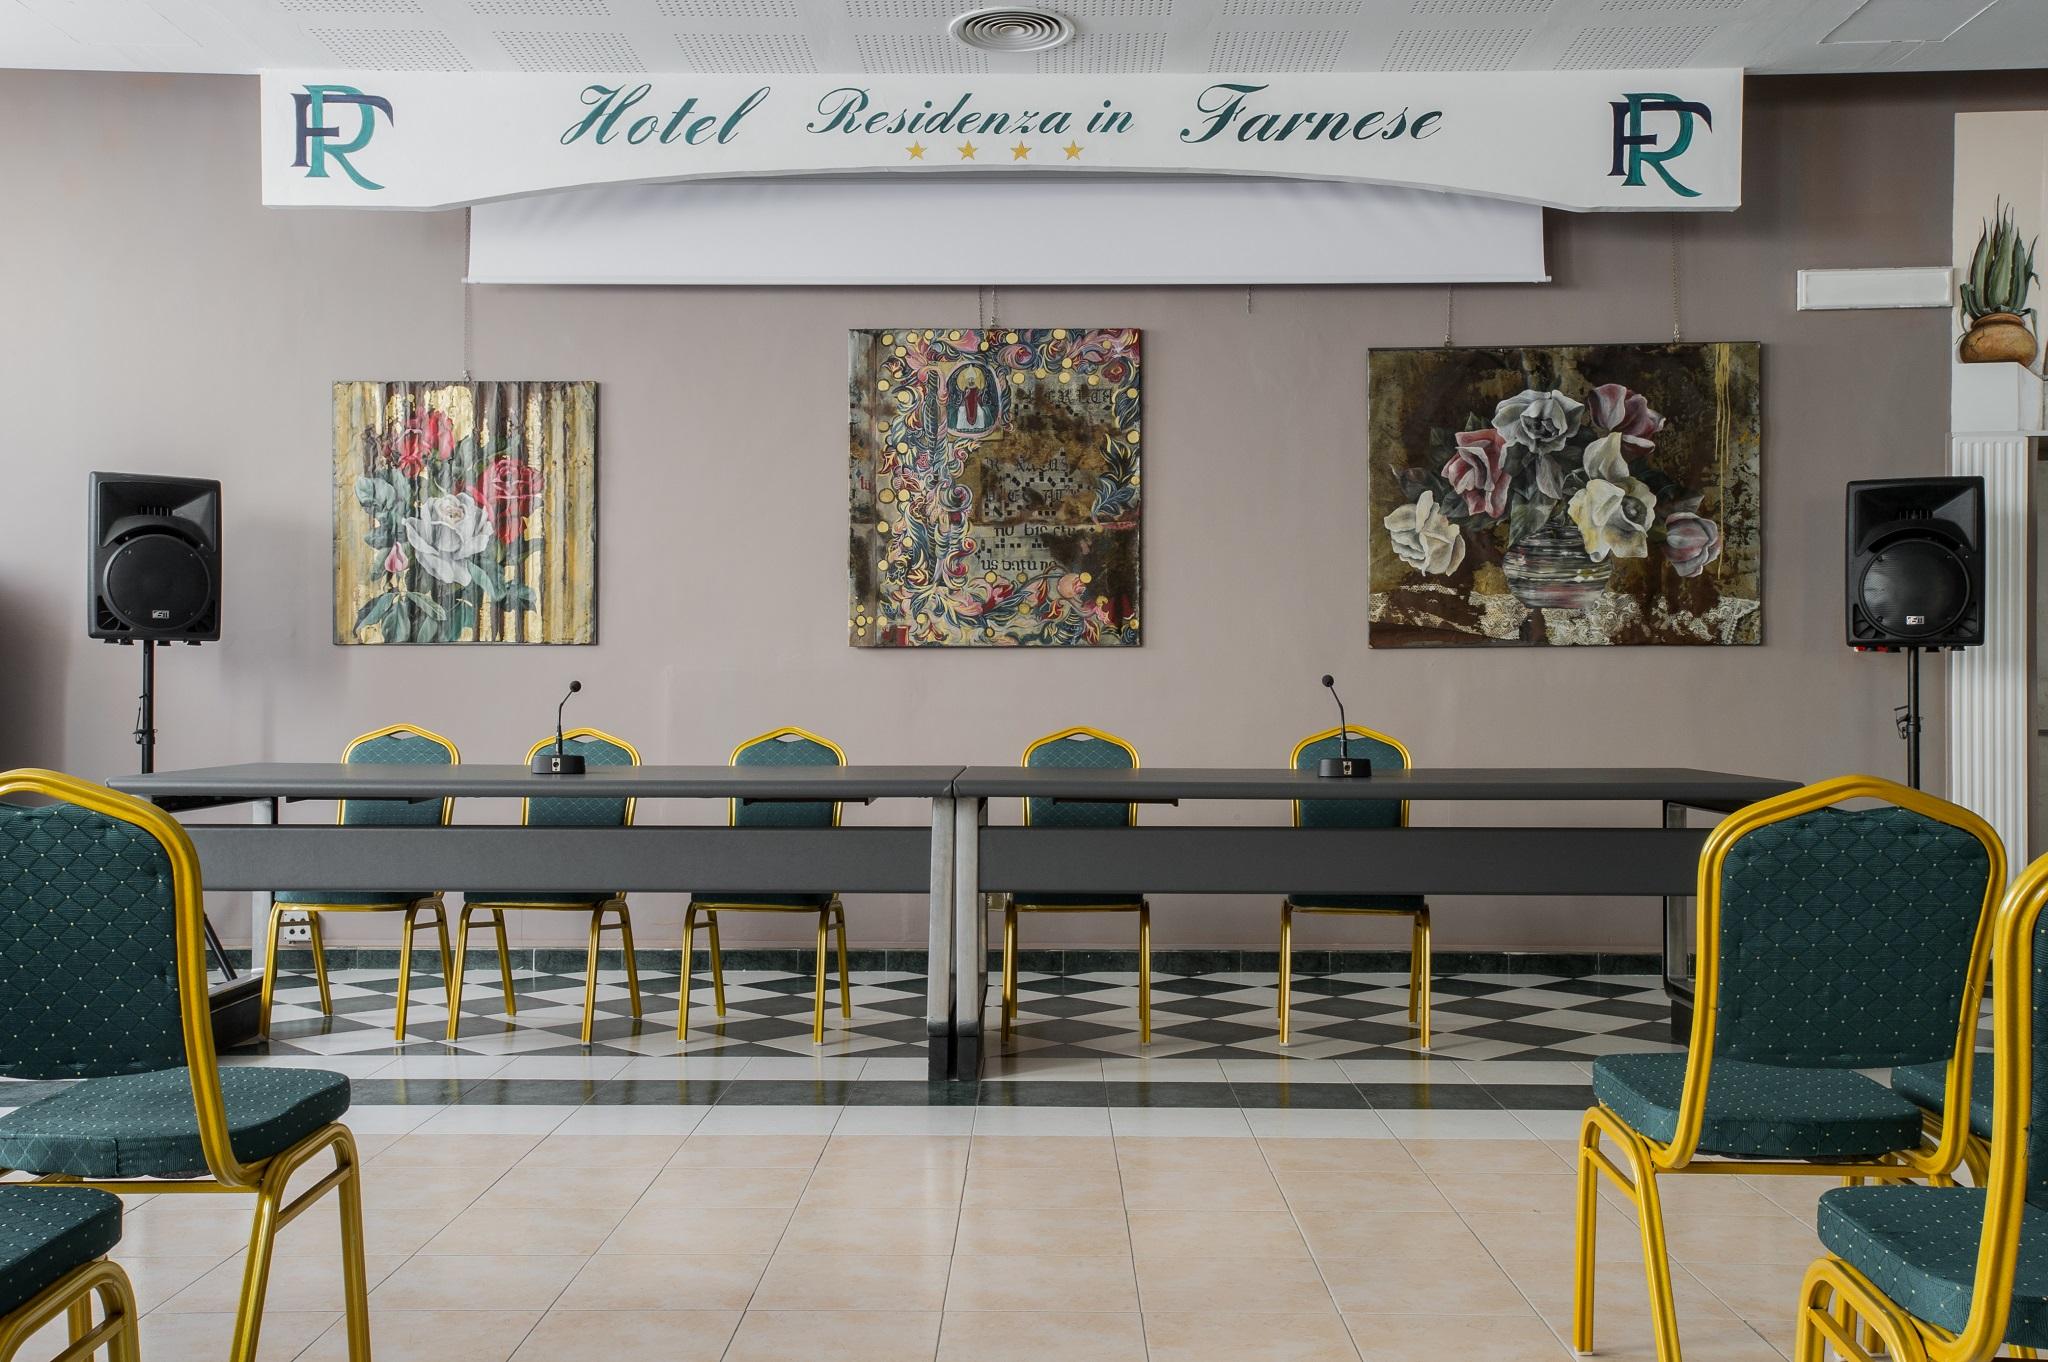 Sala conferenze residenza in farnese hotel roma centro for Hotel roma centro